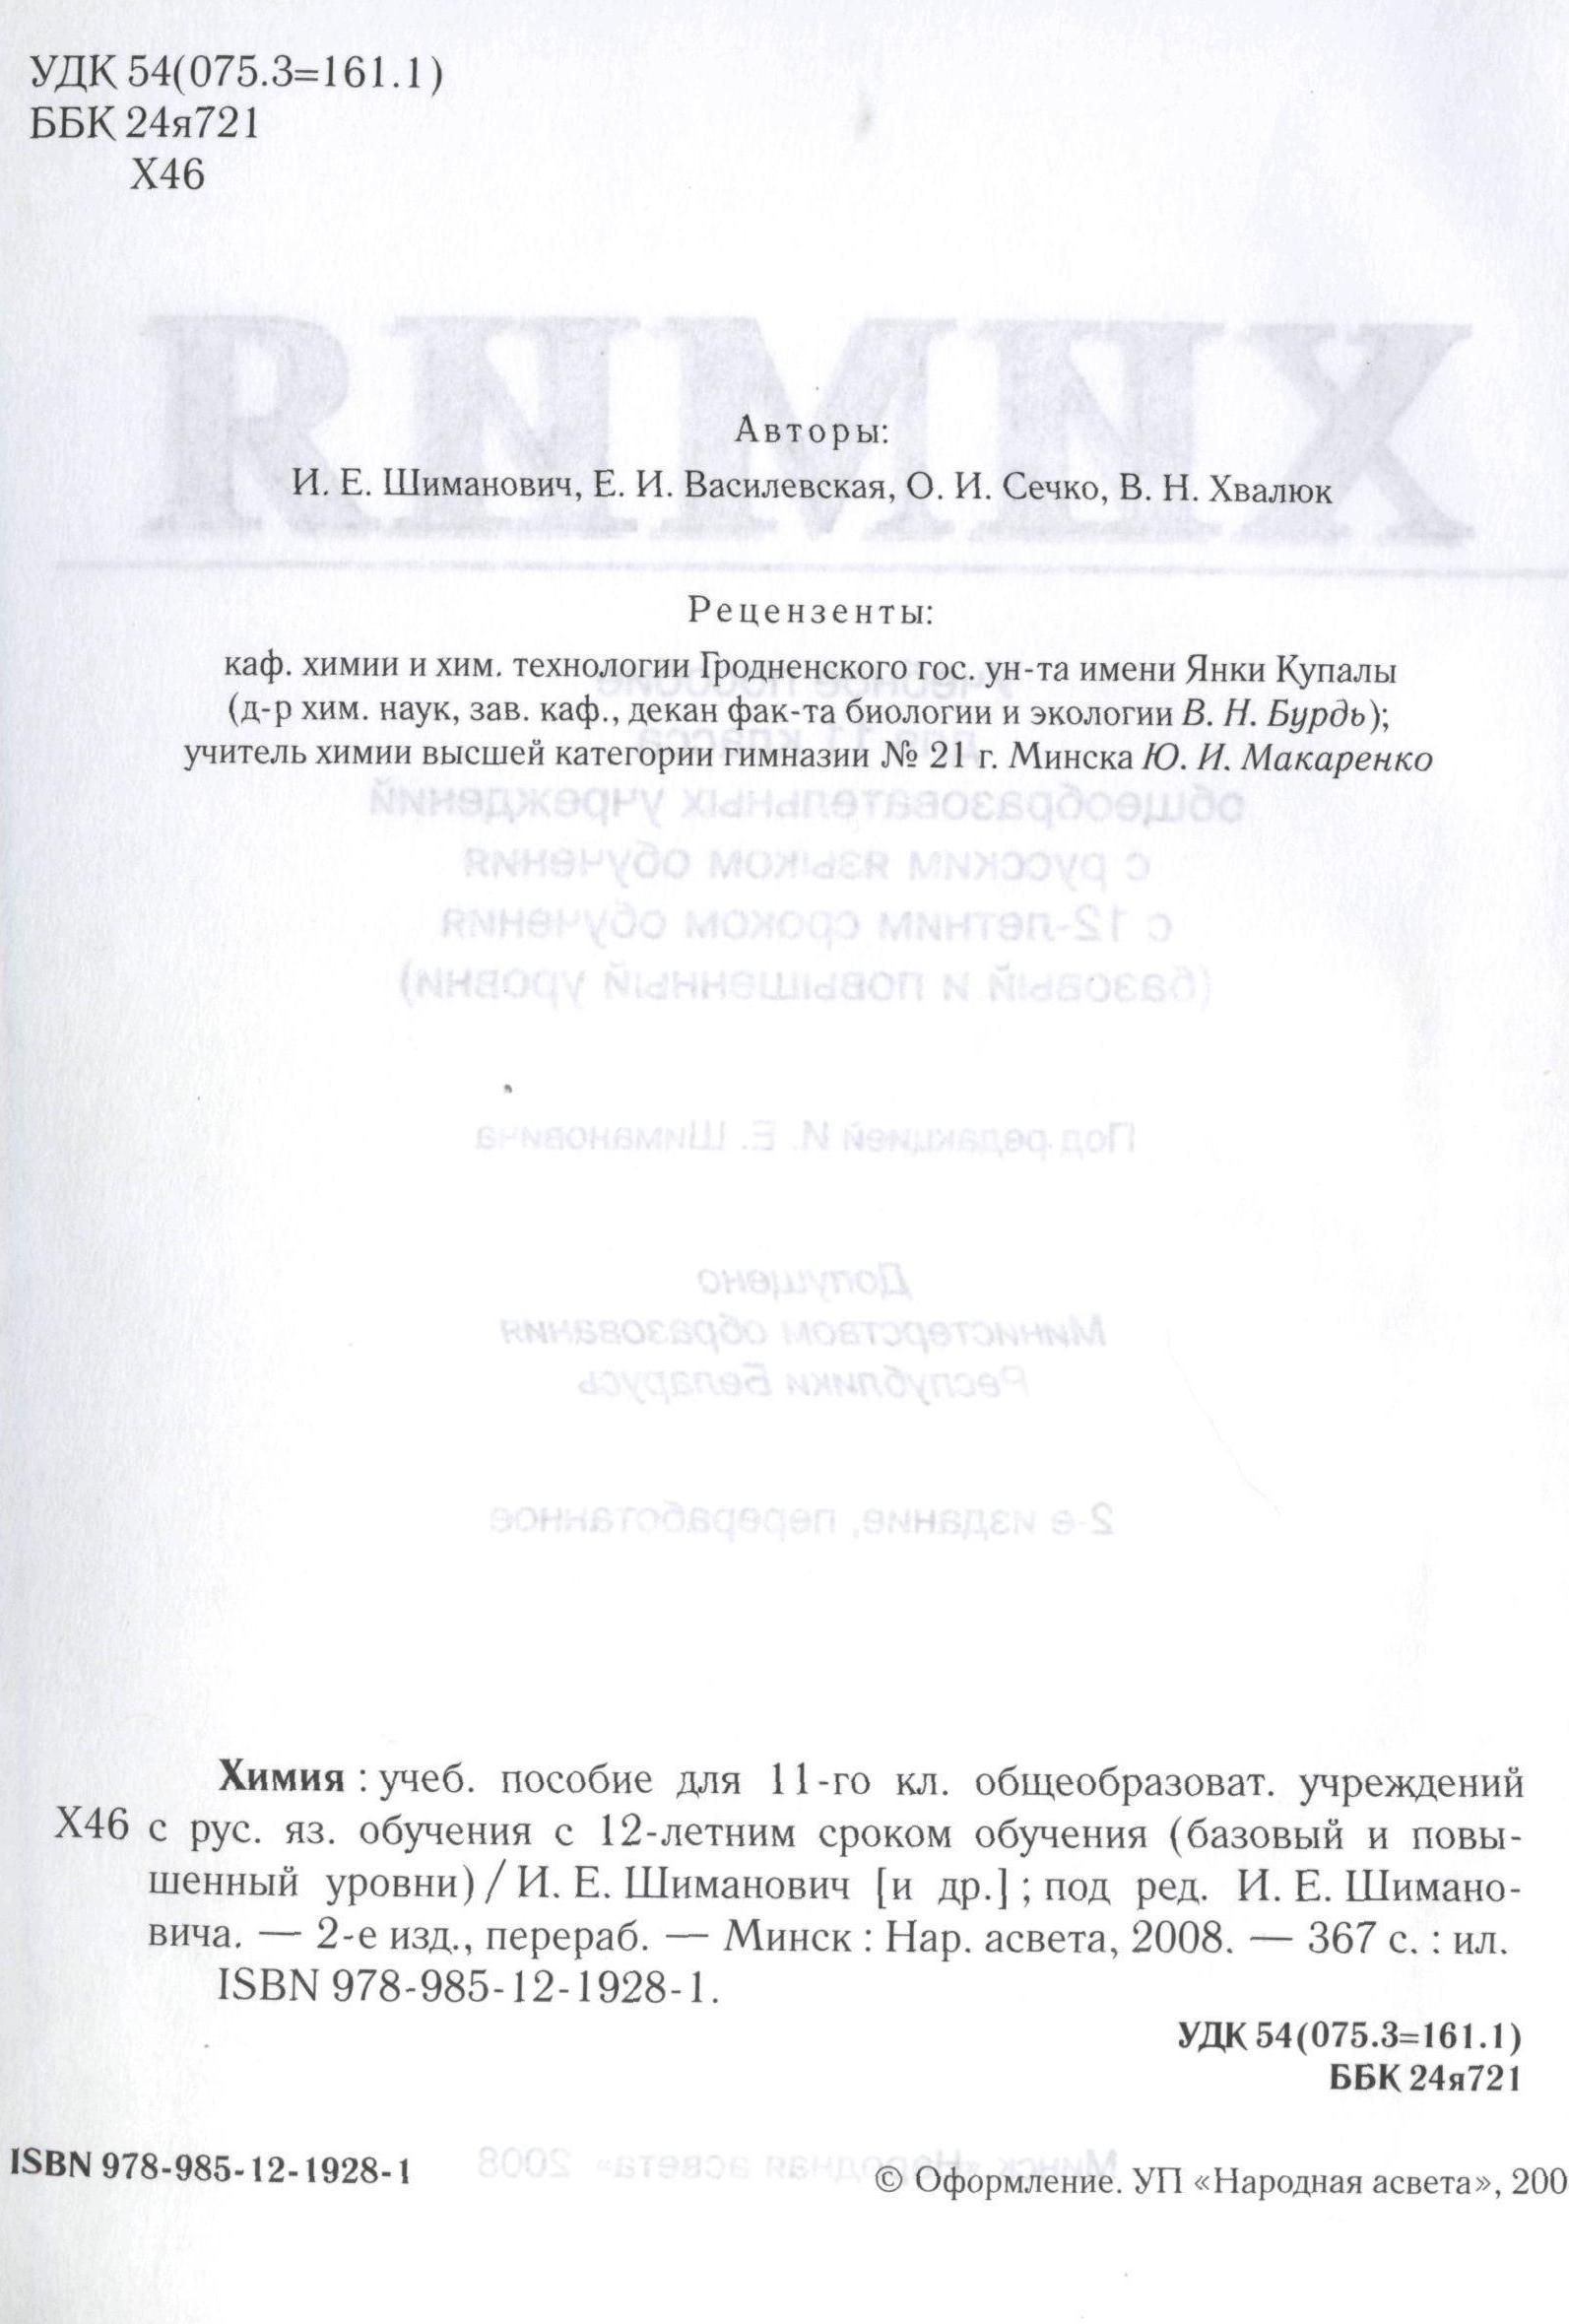 Шиманович И.Е., Василевская Е.И., Сечко О.И., Хвалюк В.Н. Химия. 11 класс